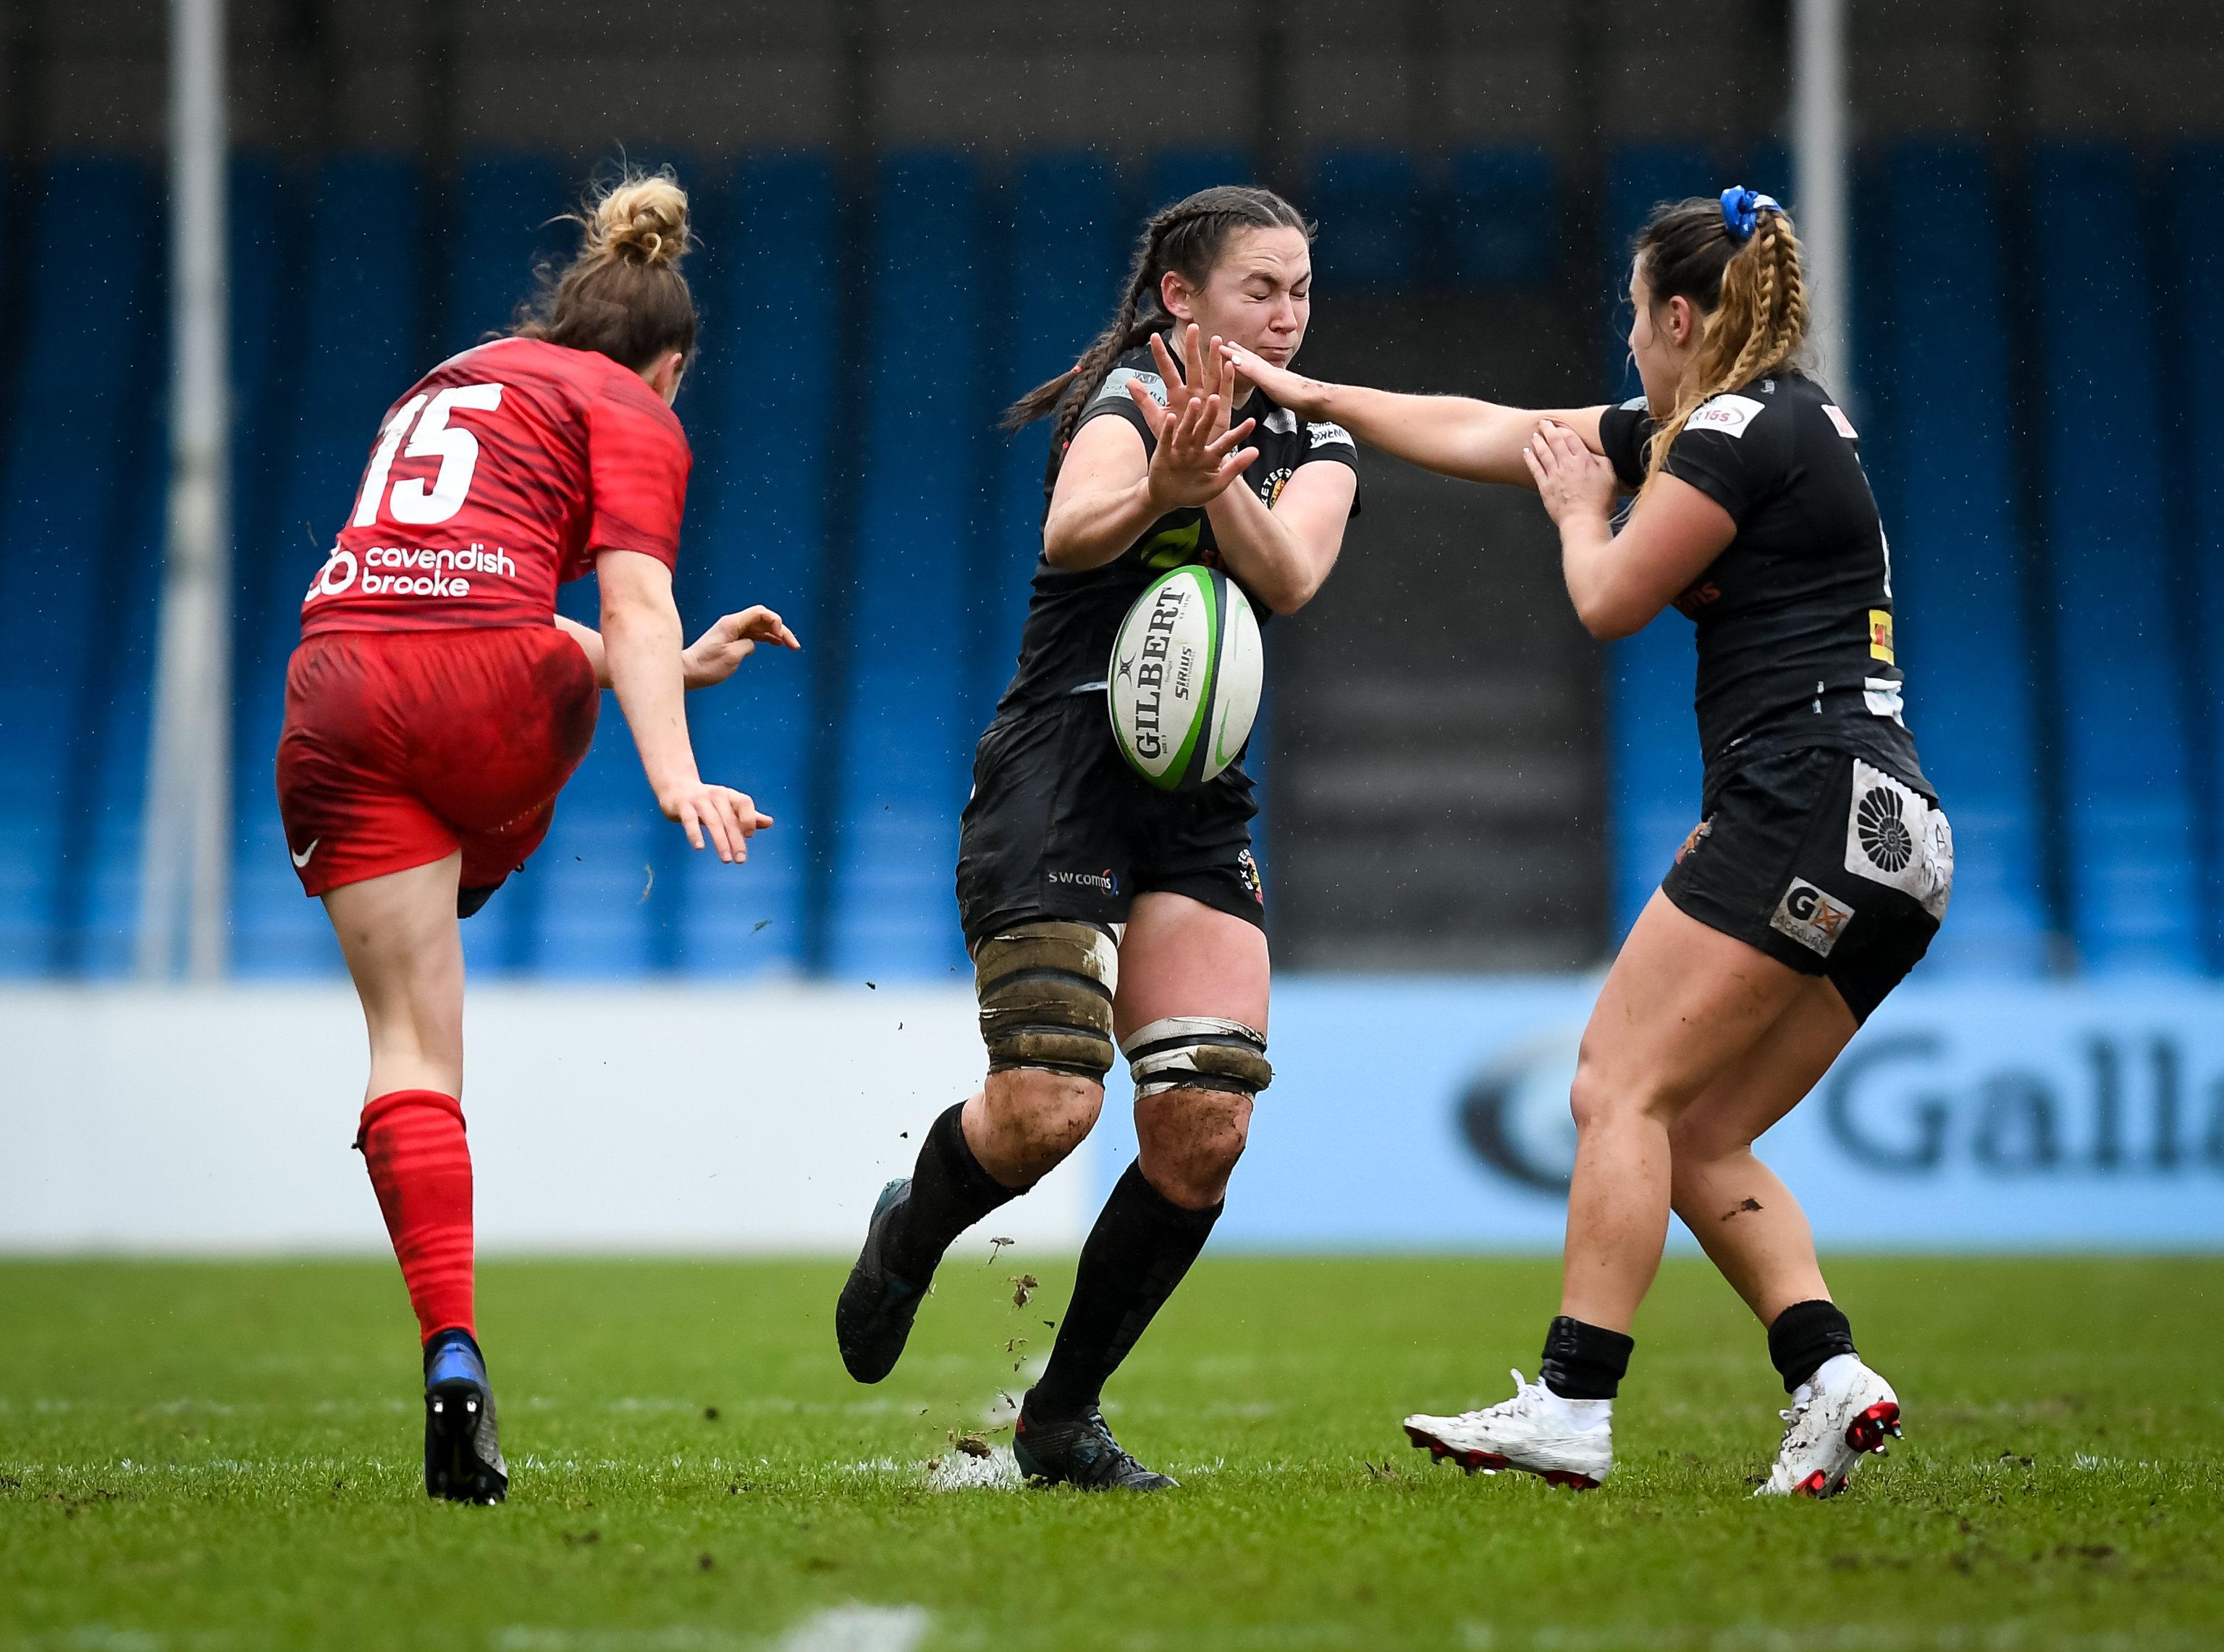 Exeter Chiefs Women v Saracens Women